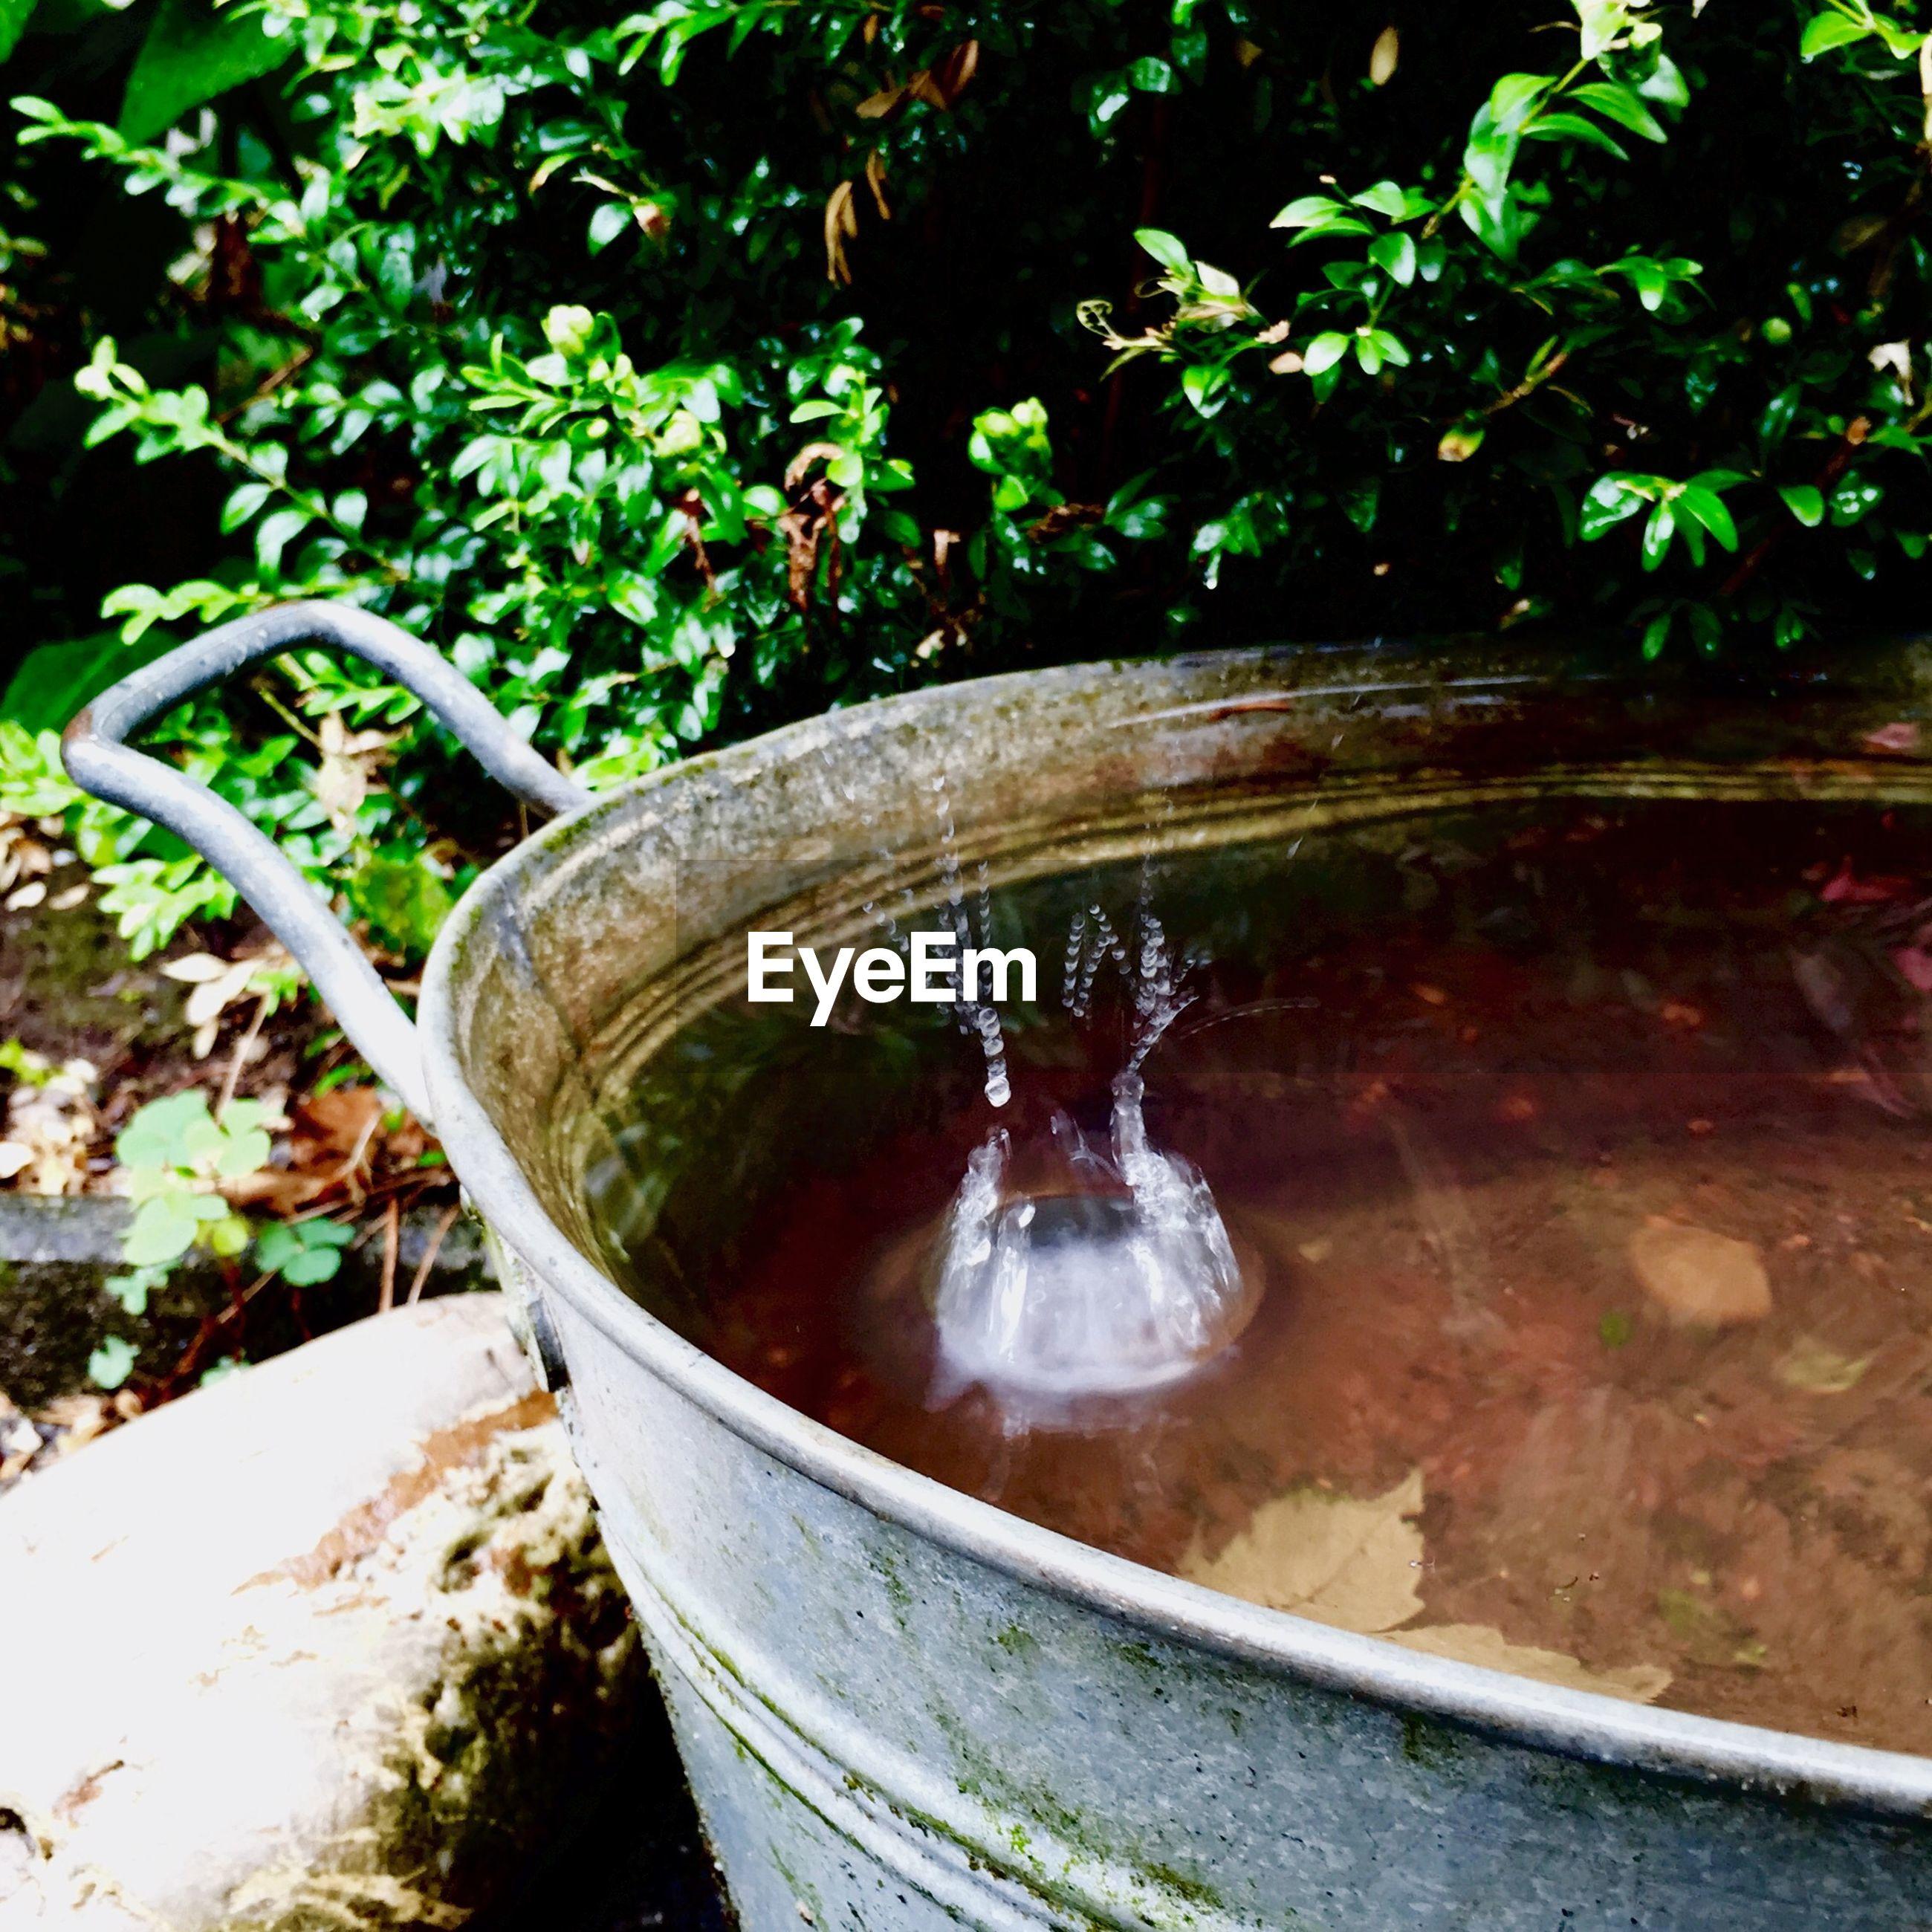 Water splashing in metallic container at yard